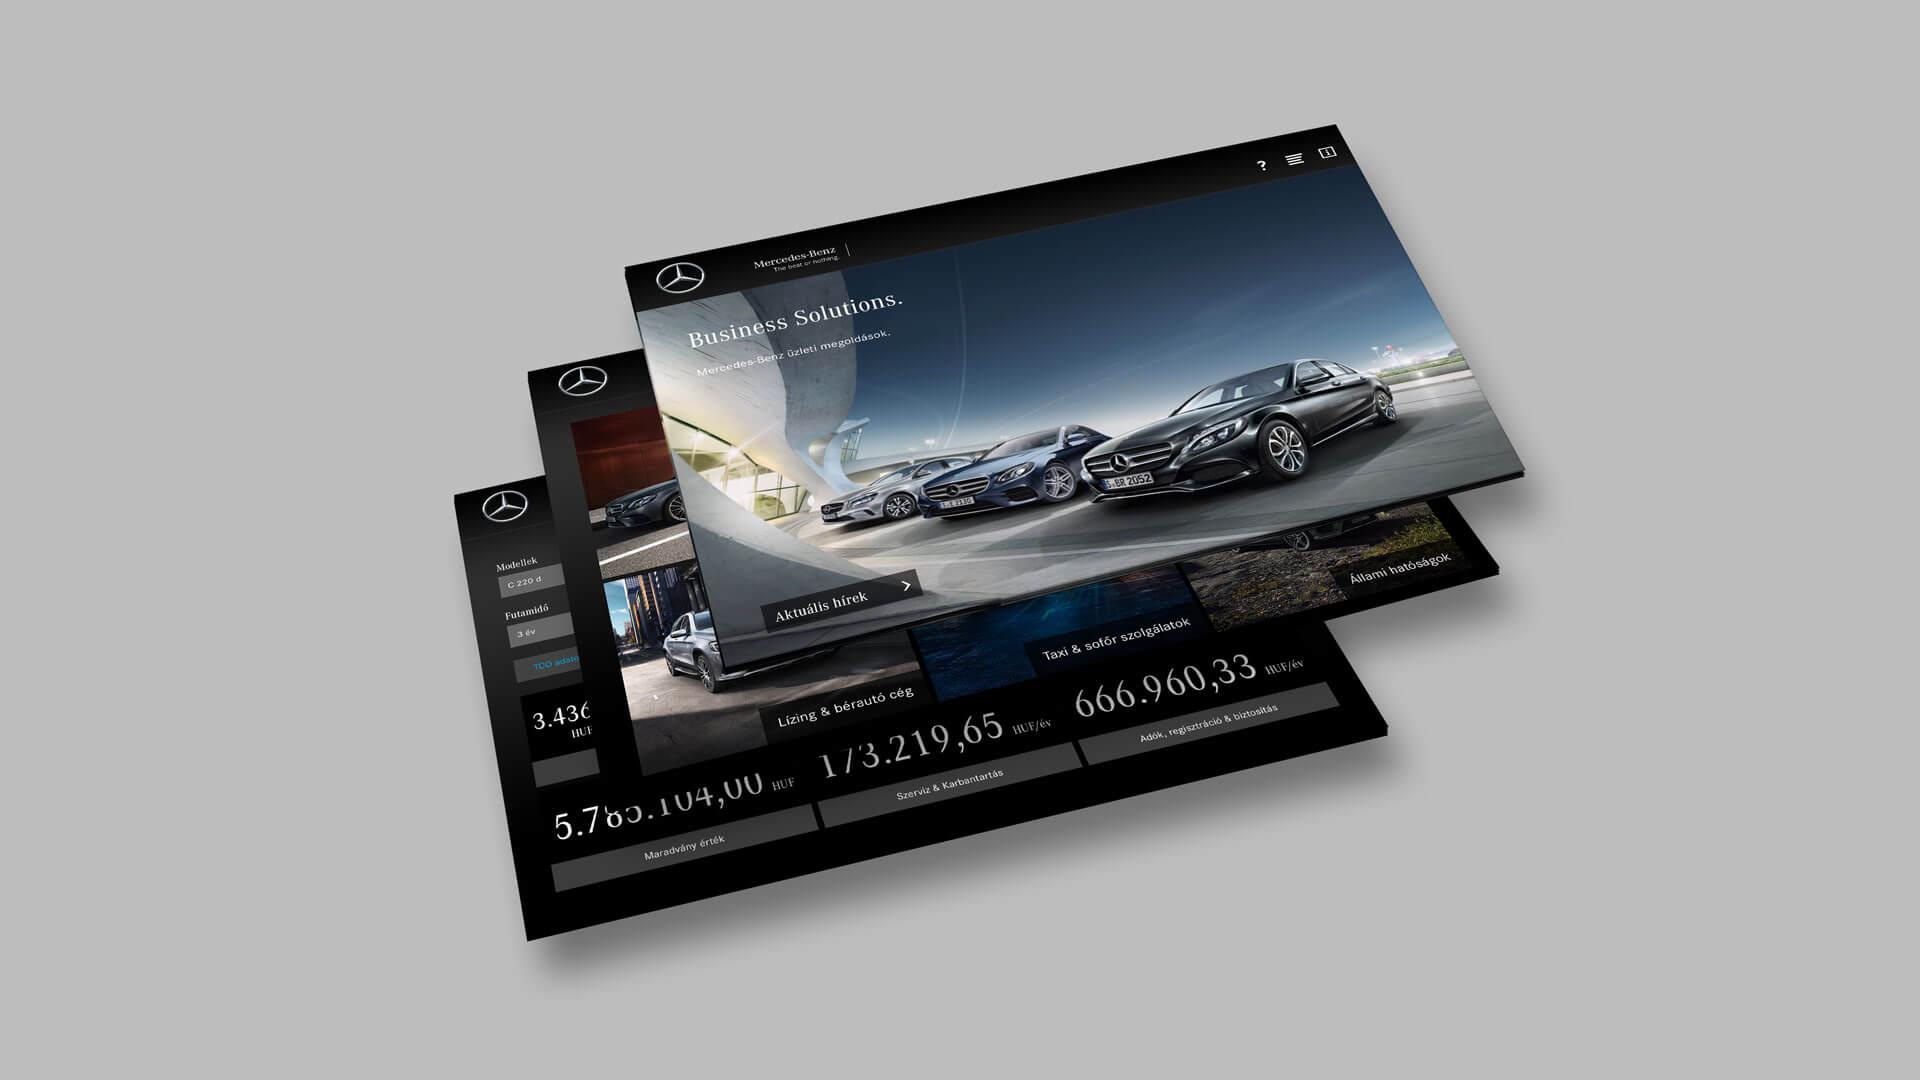 In der Mercedes-Benz Fleet Sales App fürs iPad kann der lokale Ansprechpartner für den Flottenvertrieb schnell gefunden und kontaktiert werden.